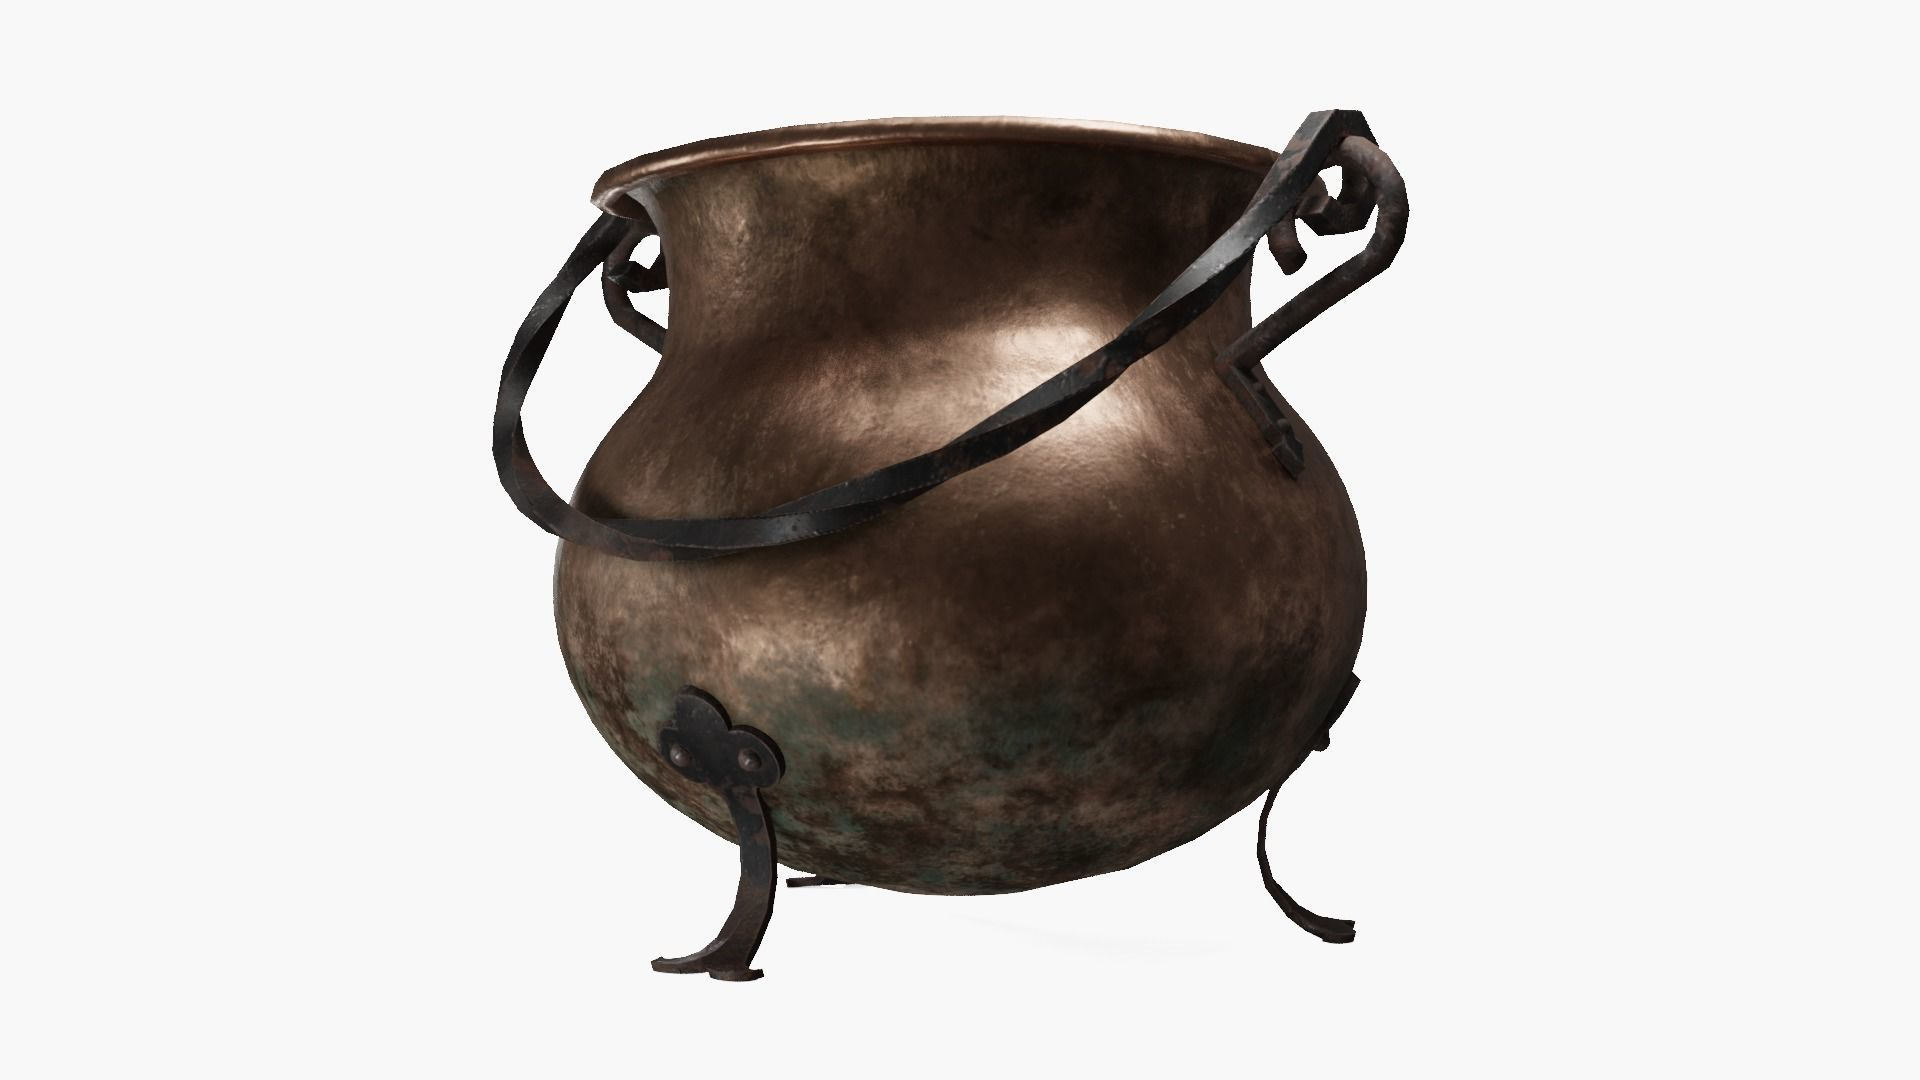 Copper cauldron